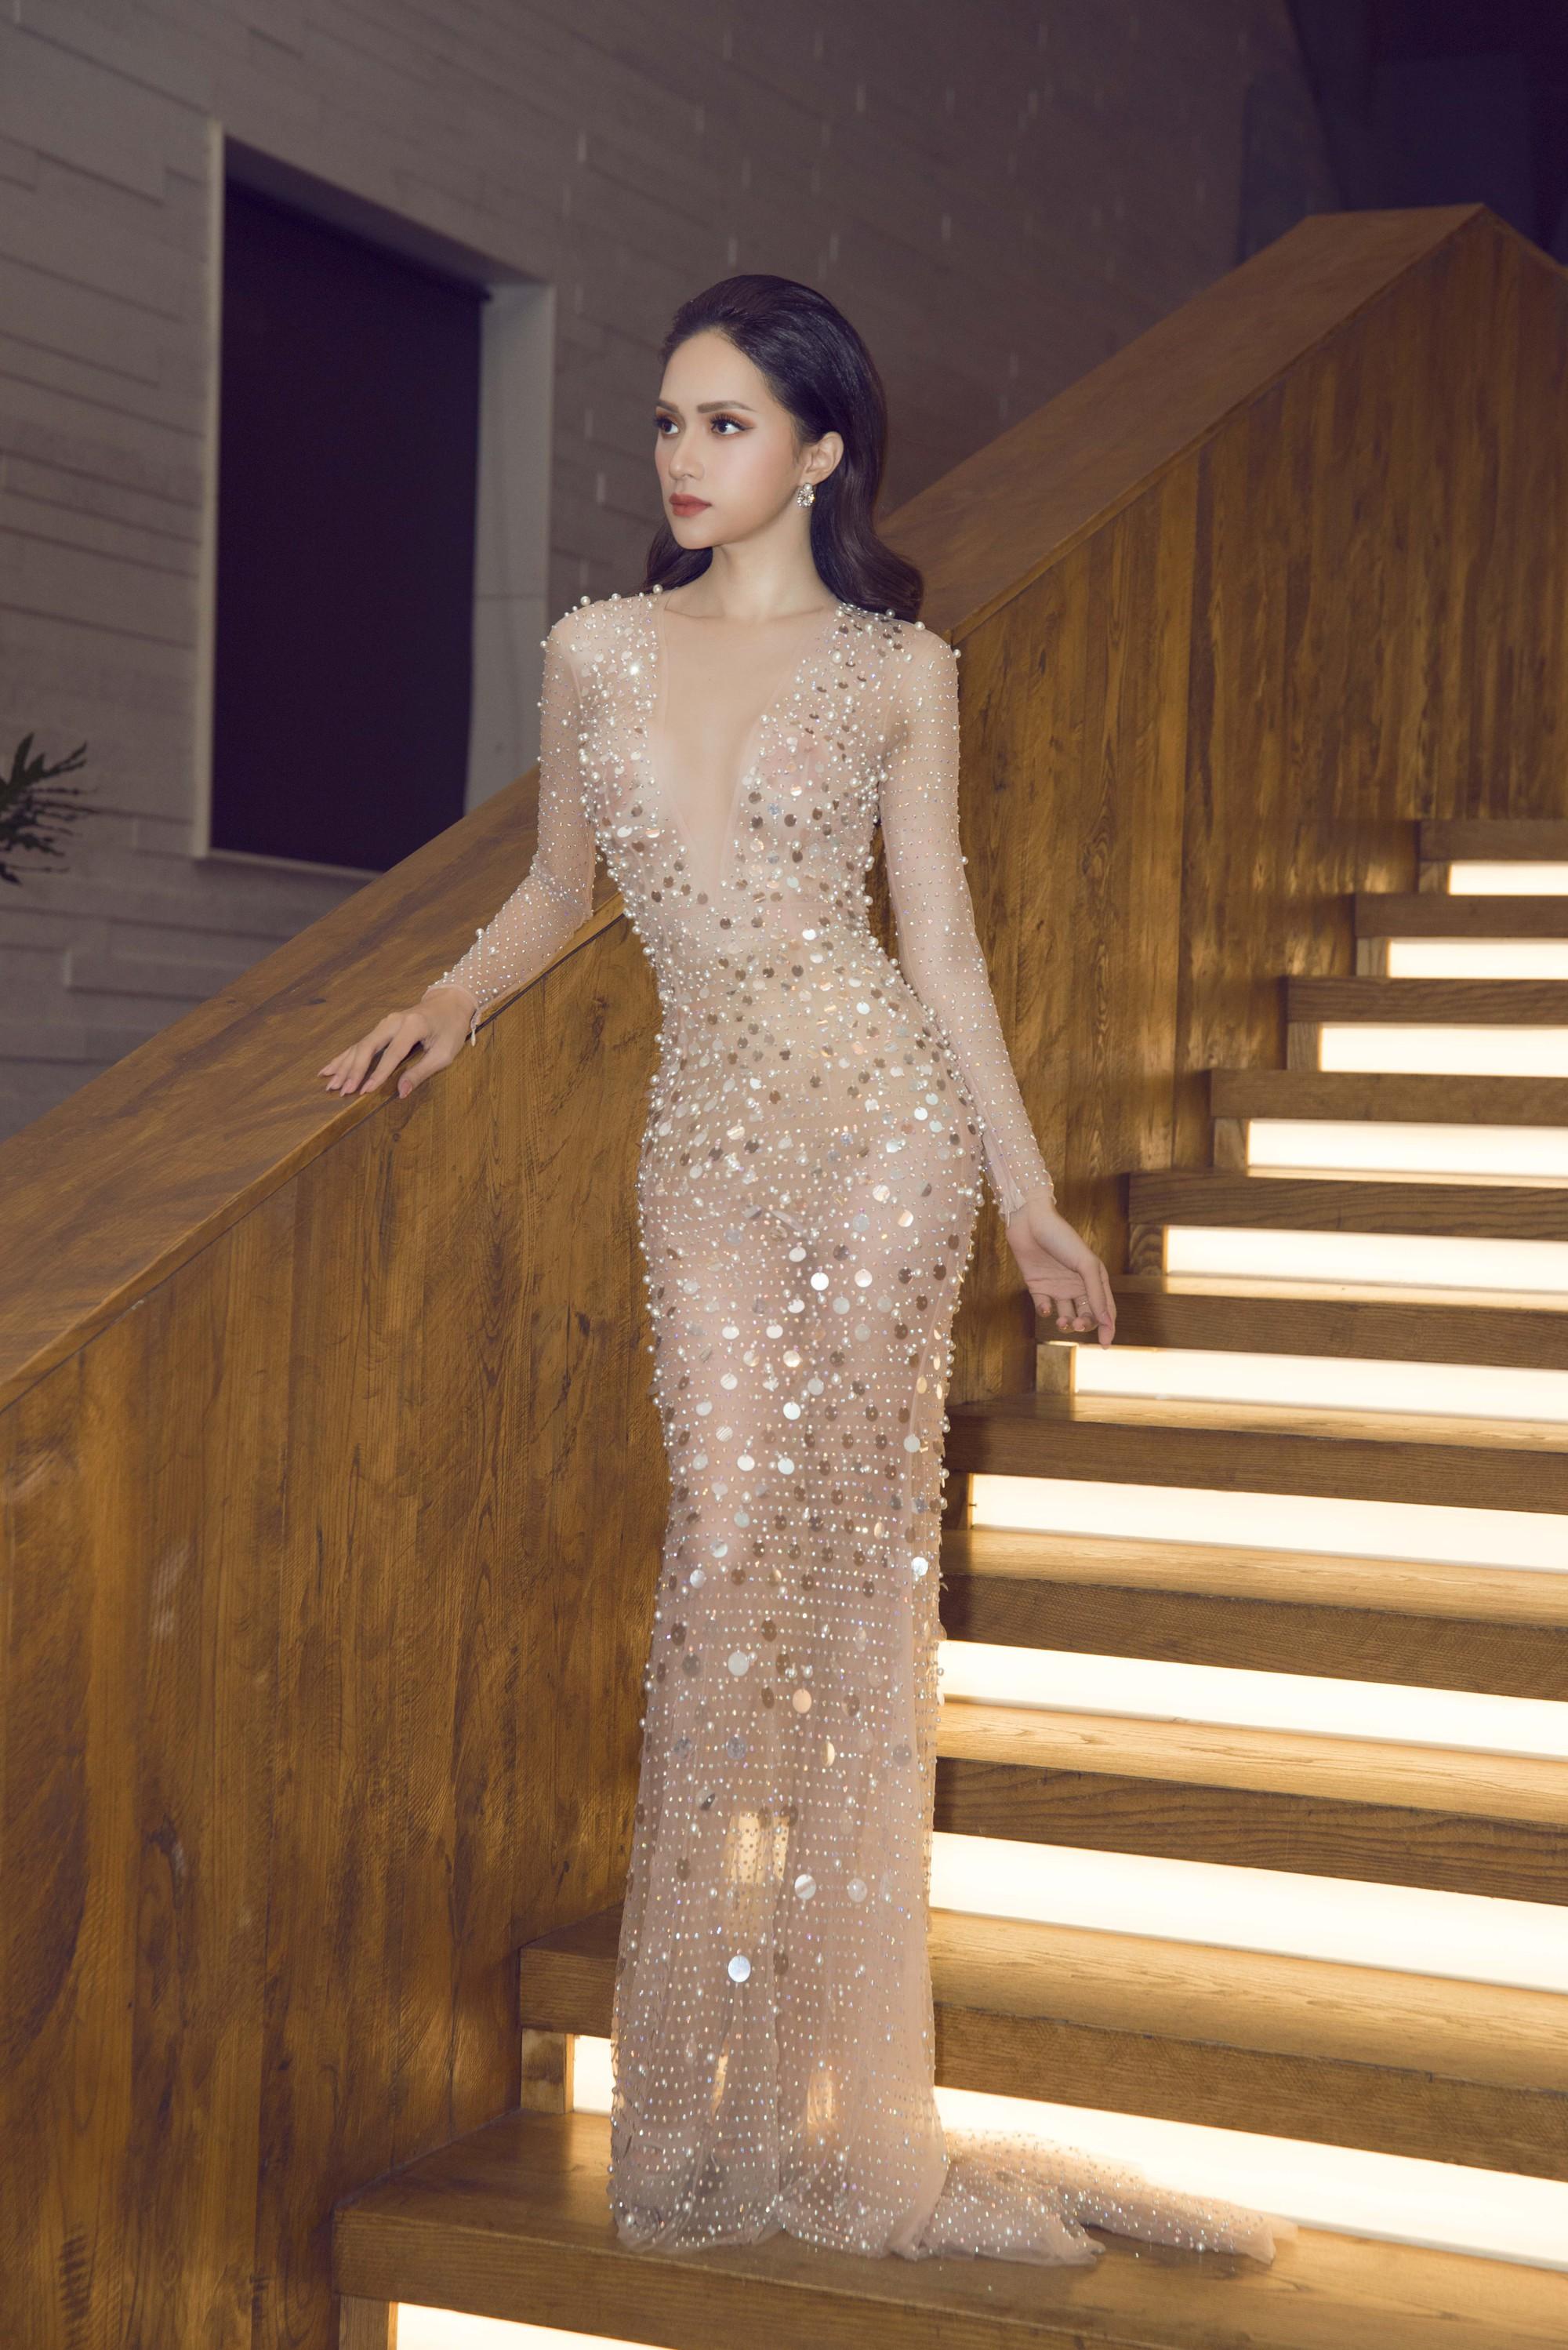 Hương Giang quyến rũ với váy xuyên thấu bó sát, Lan Khuê diện váy trắng tinh khôi như cô dâu tại sự kiện - Ảnh 2.